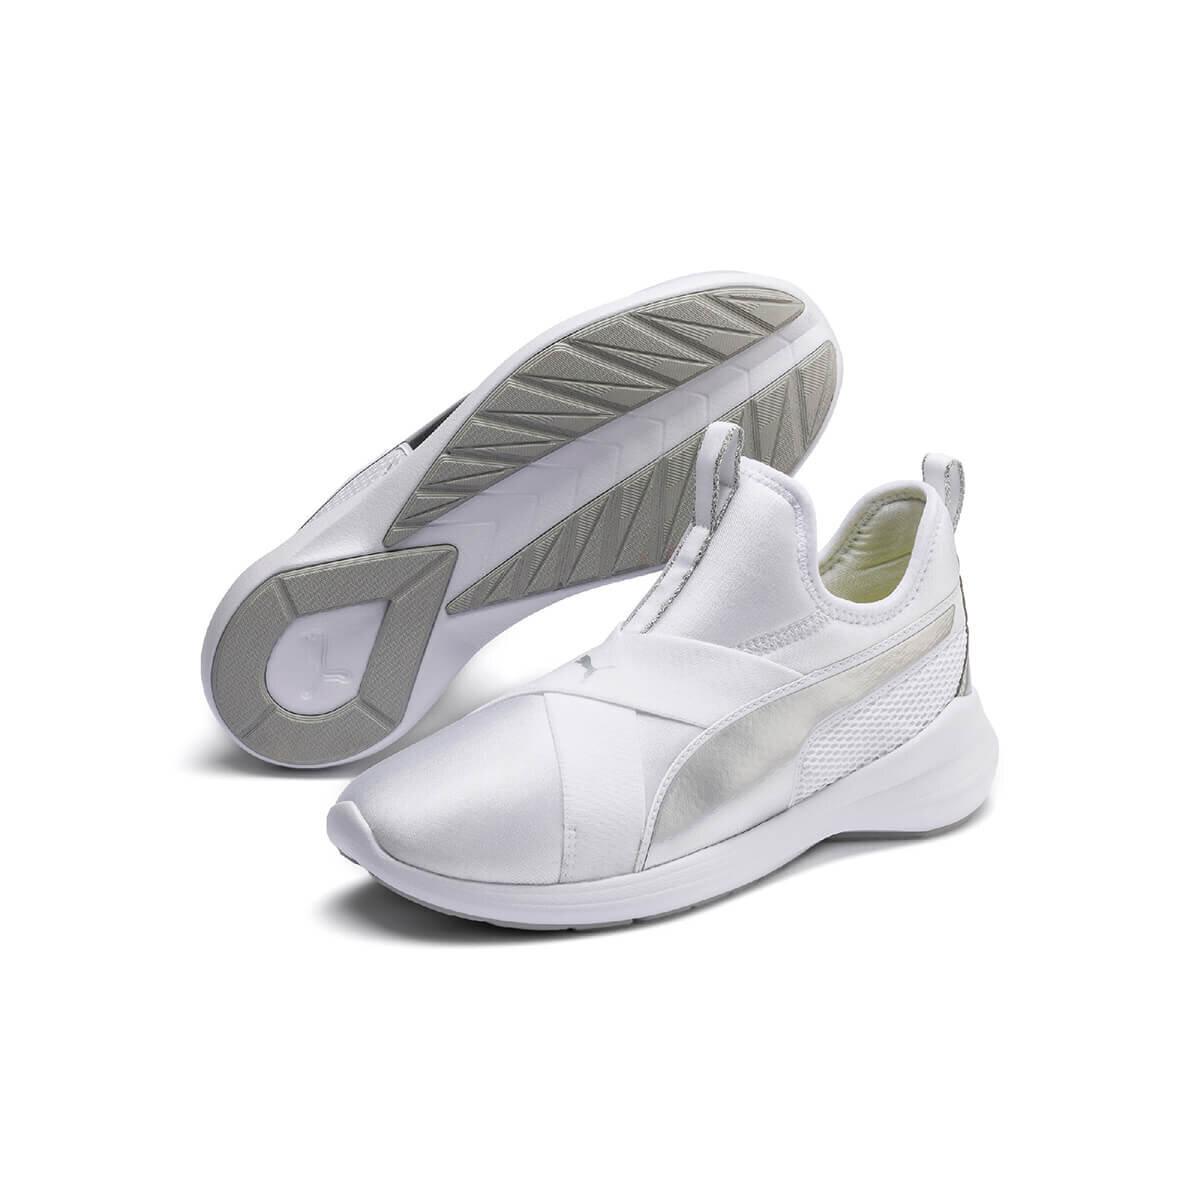 BEYAZ Kadın Koşu Ayakkabısı REBEL X TRAILBLAZER